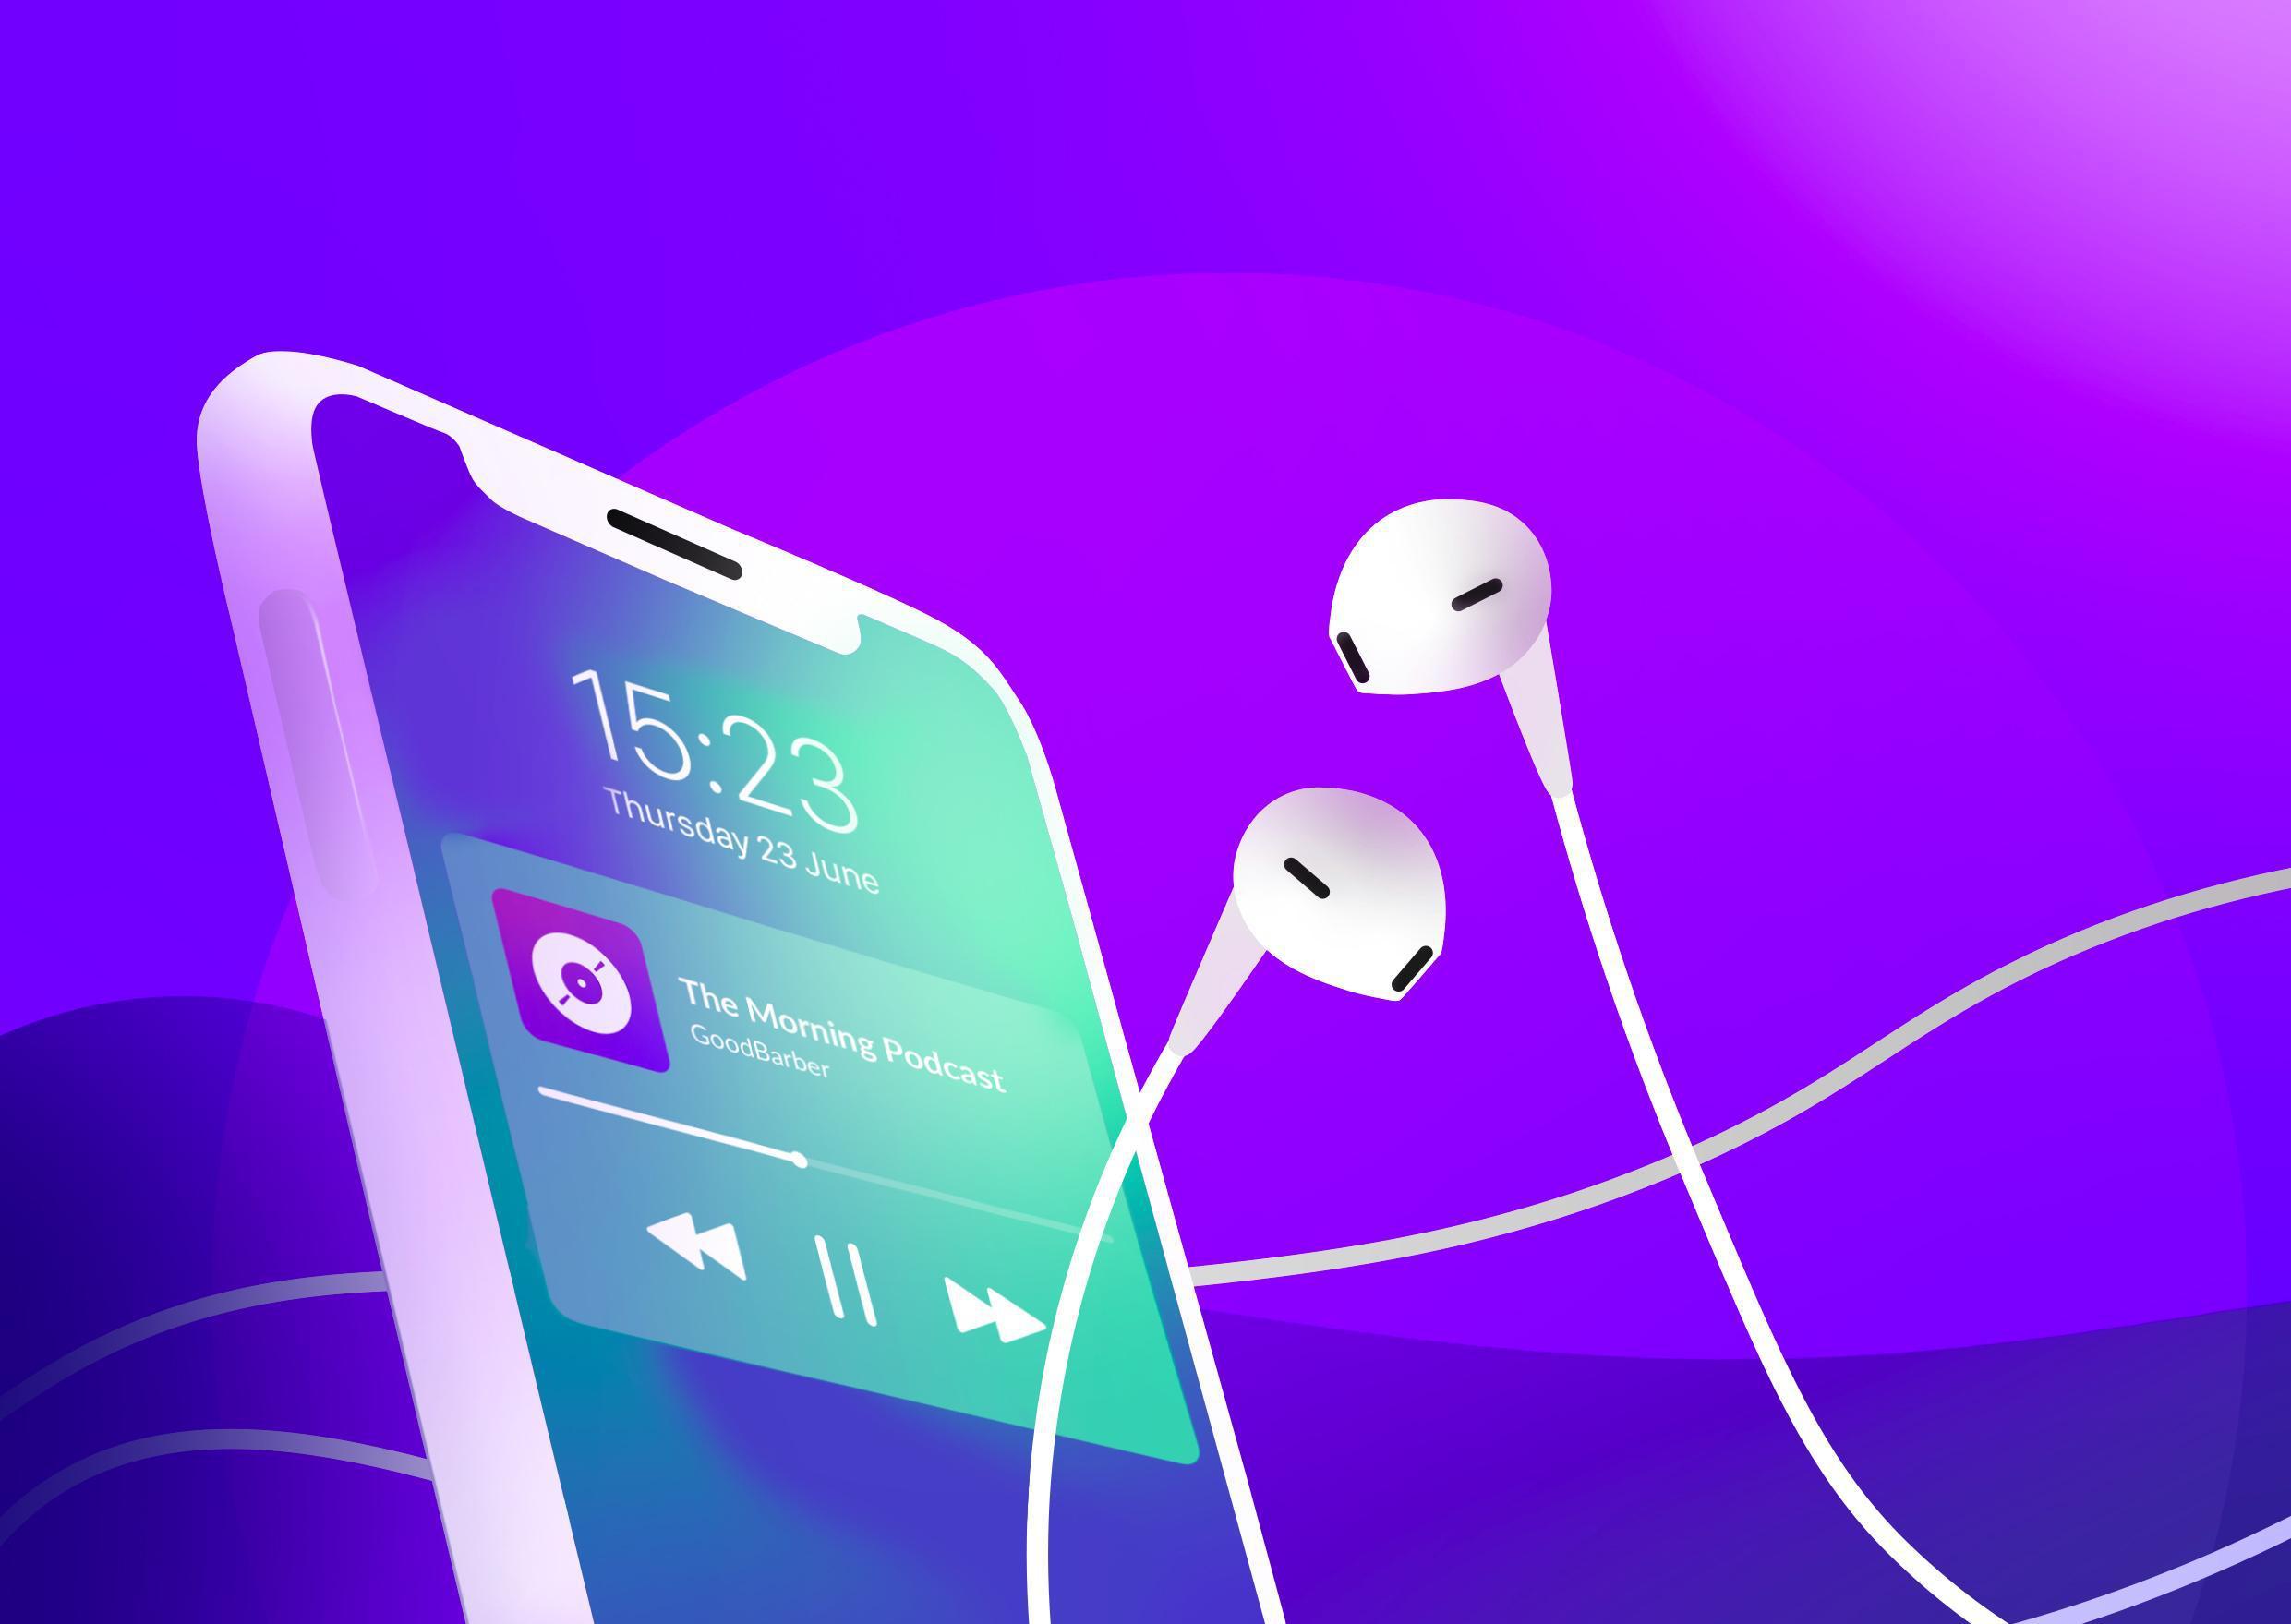 Porta il tuo podcast al livello successivo con un'applicazione mobile